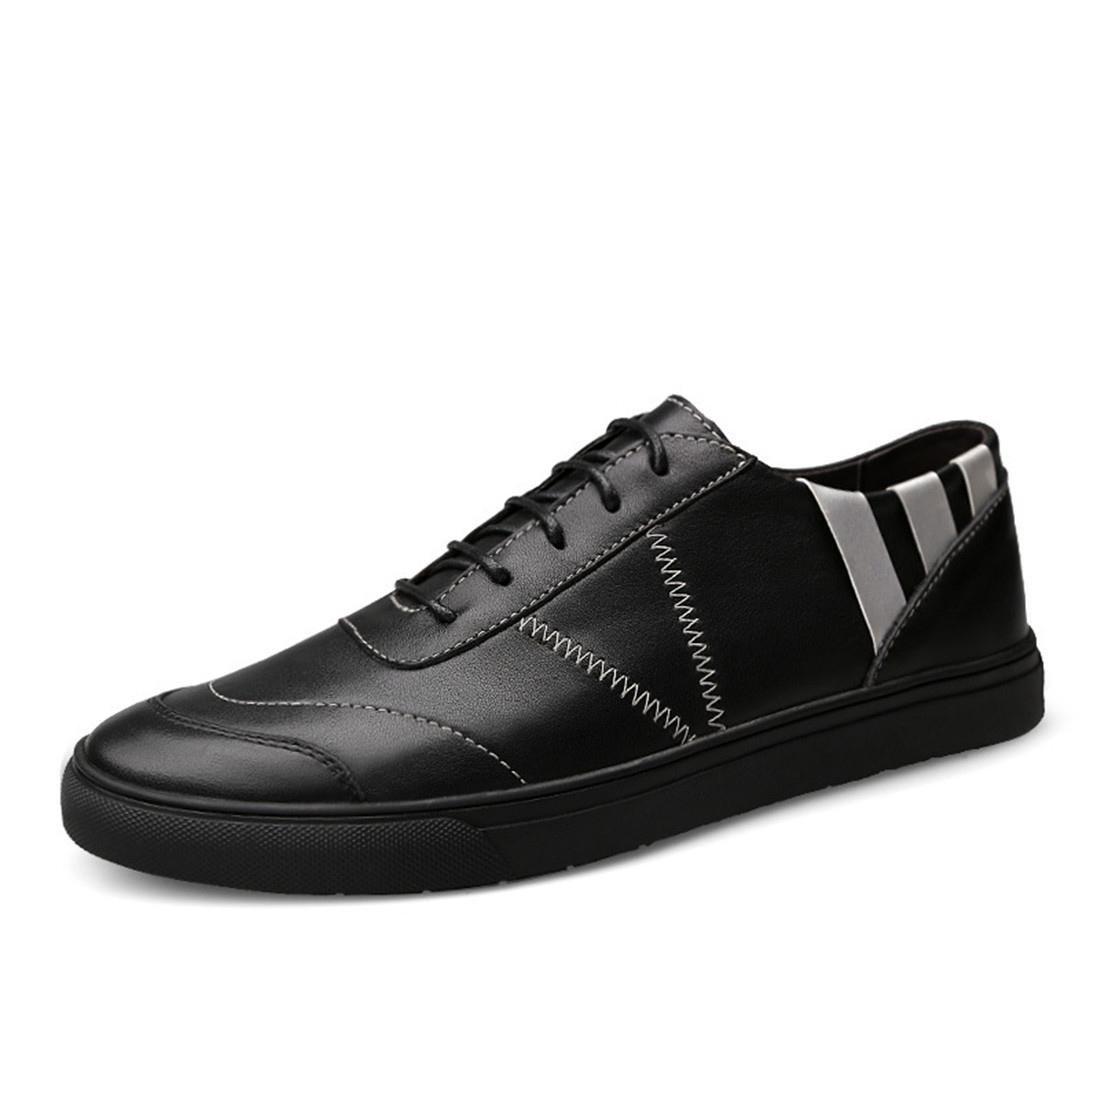 Herren Mode Freizeit Lederschuhe Flache Schuhe Ausbilder Rutschfest Lässige Schuhe Große Größe EUR GRÖSSE 38-46